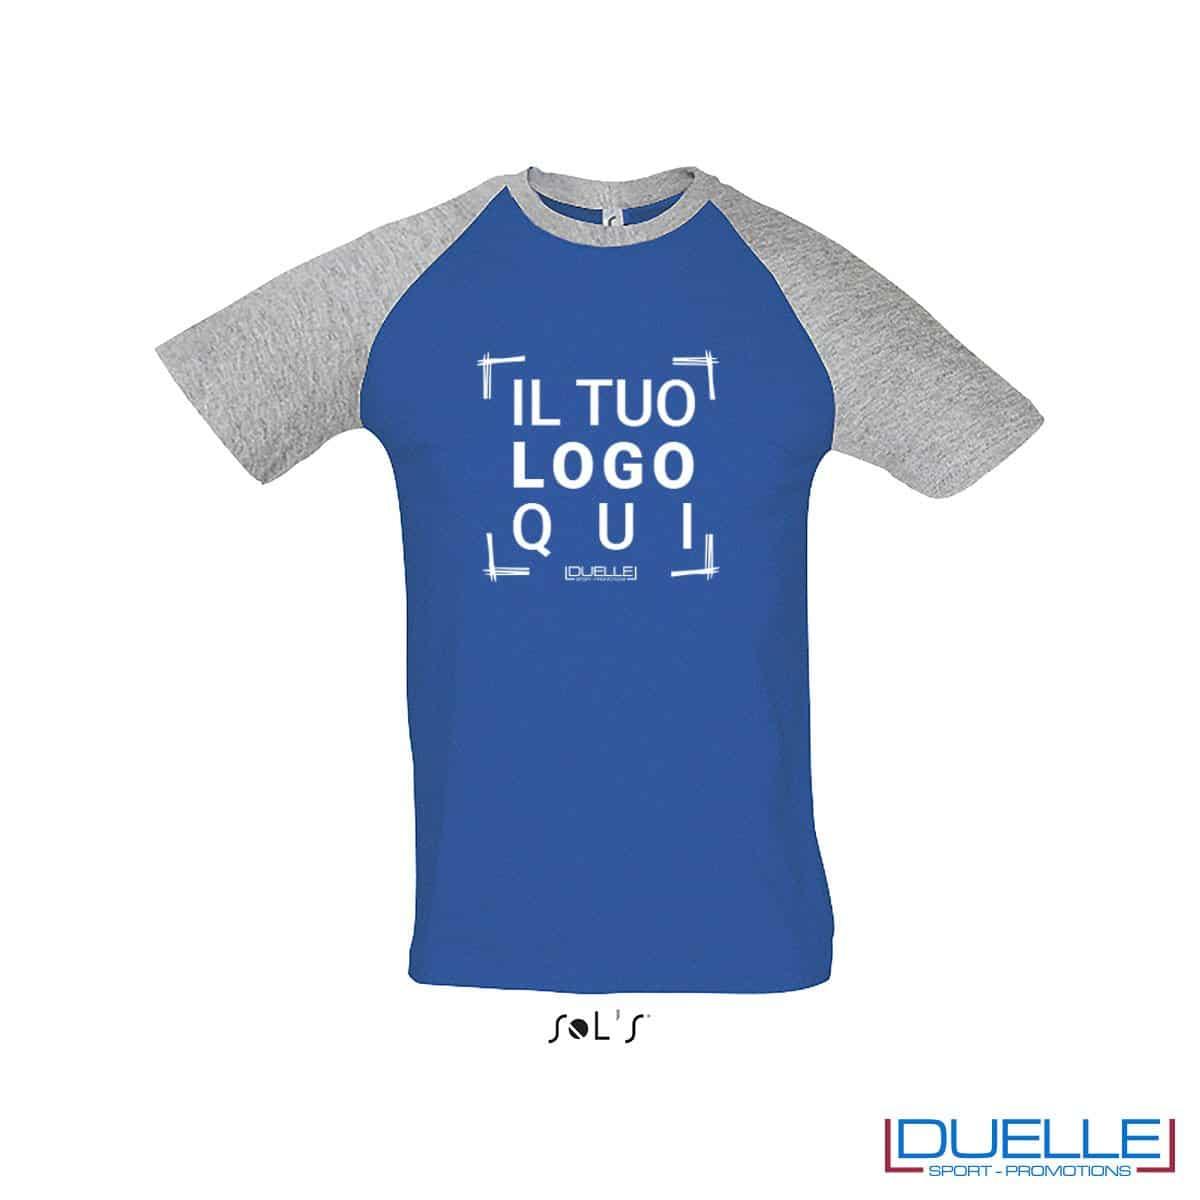 t-shirt personalizzata sportiva bicolore in colore grigio e blu royal, abbigliamento sportivo personalizzato